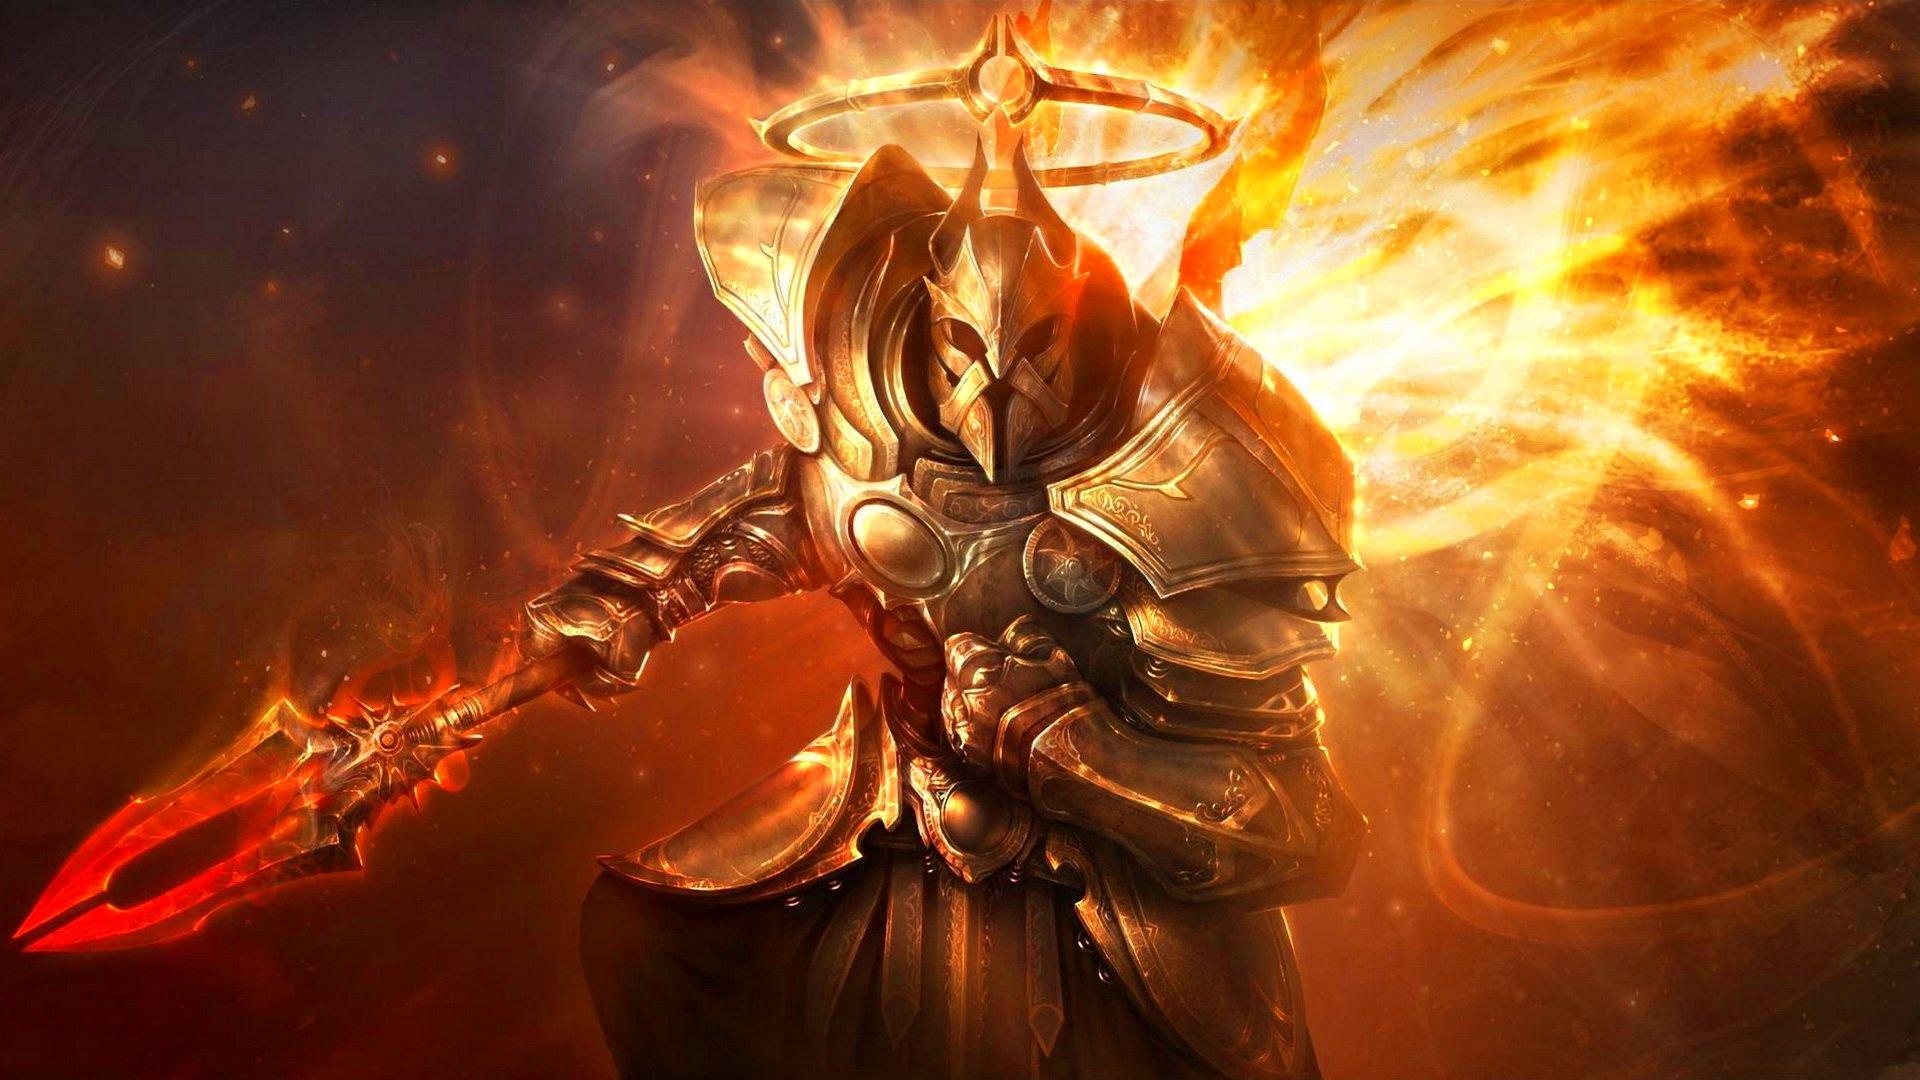 diablo, Dark, Fantasy, Warrior, Rpg, Action, Fighting, Dungeon Wallpaper